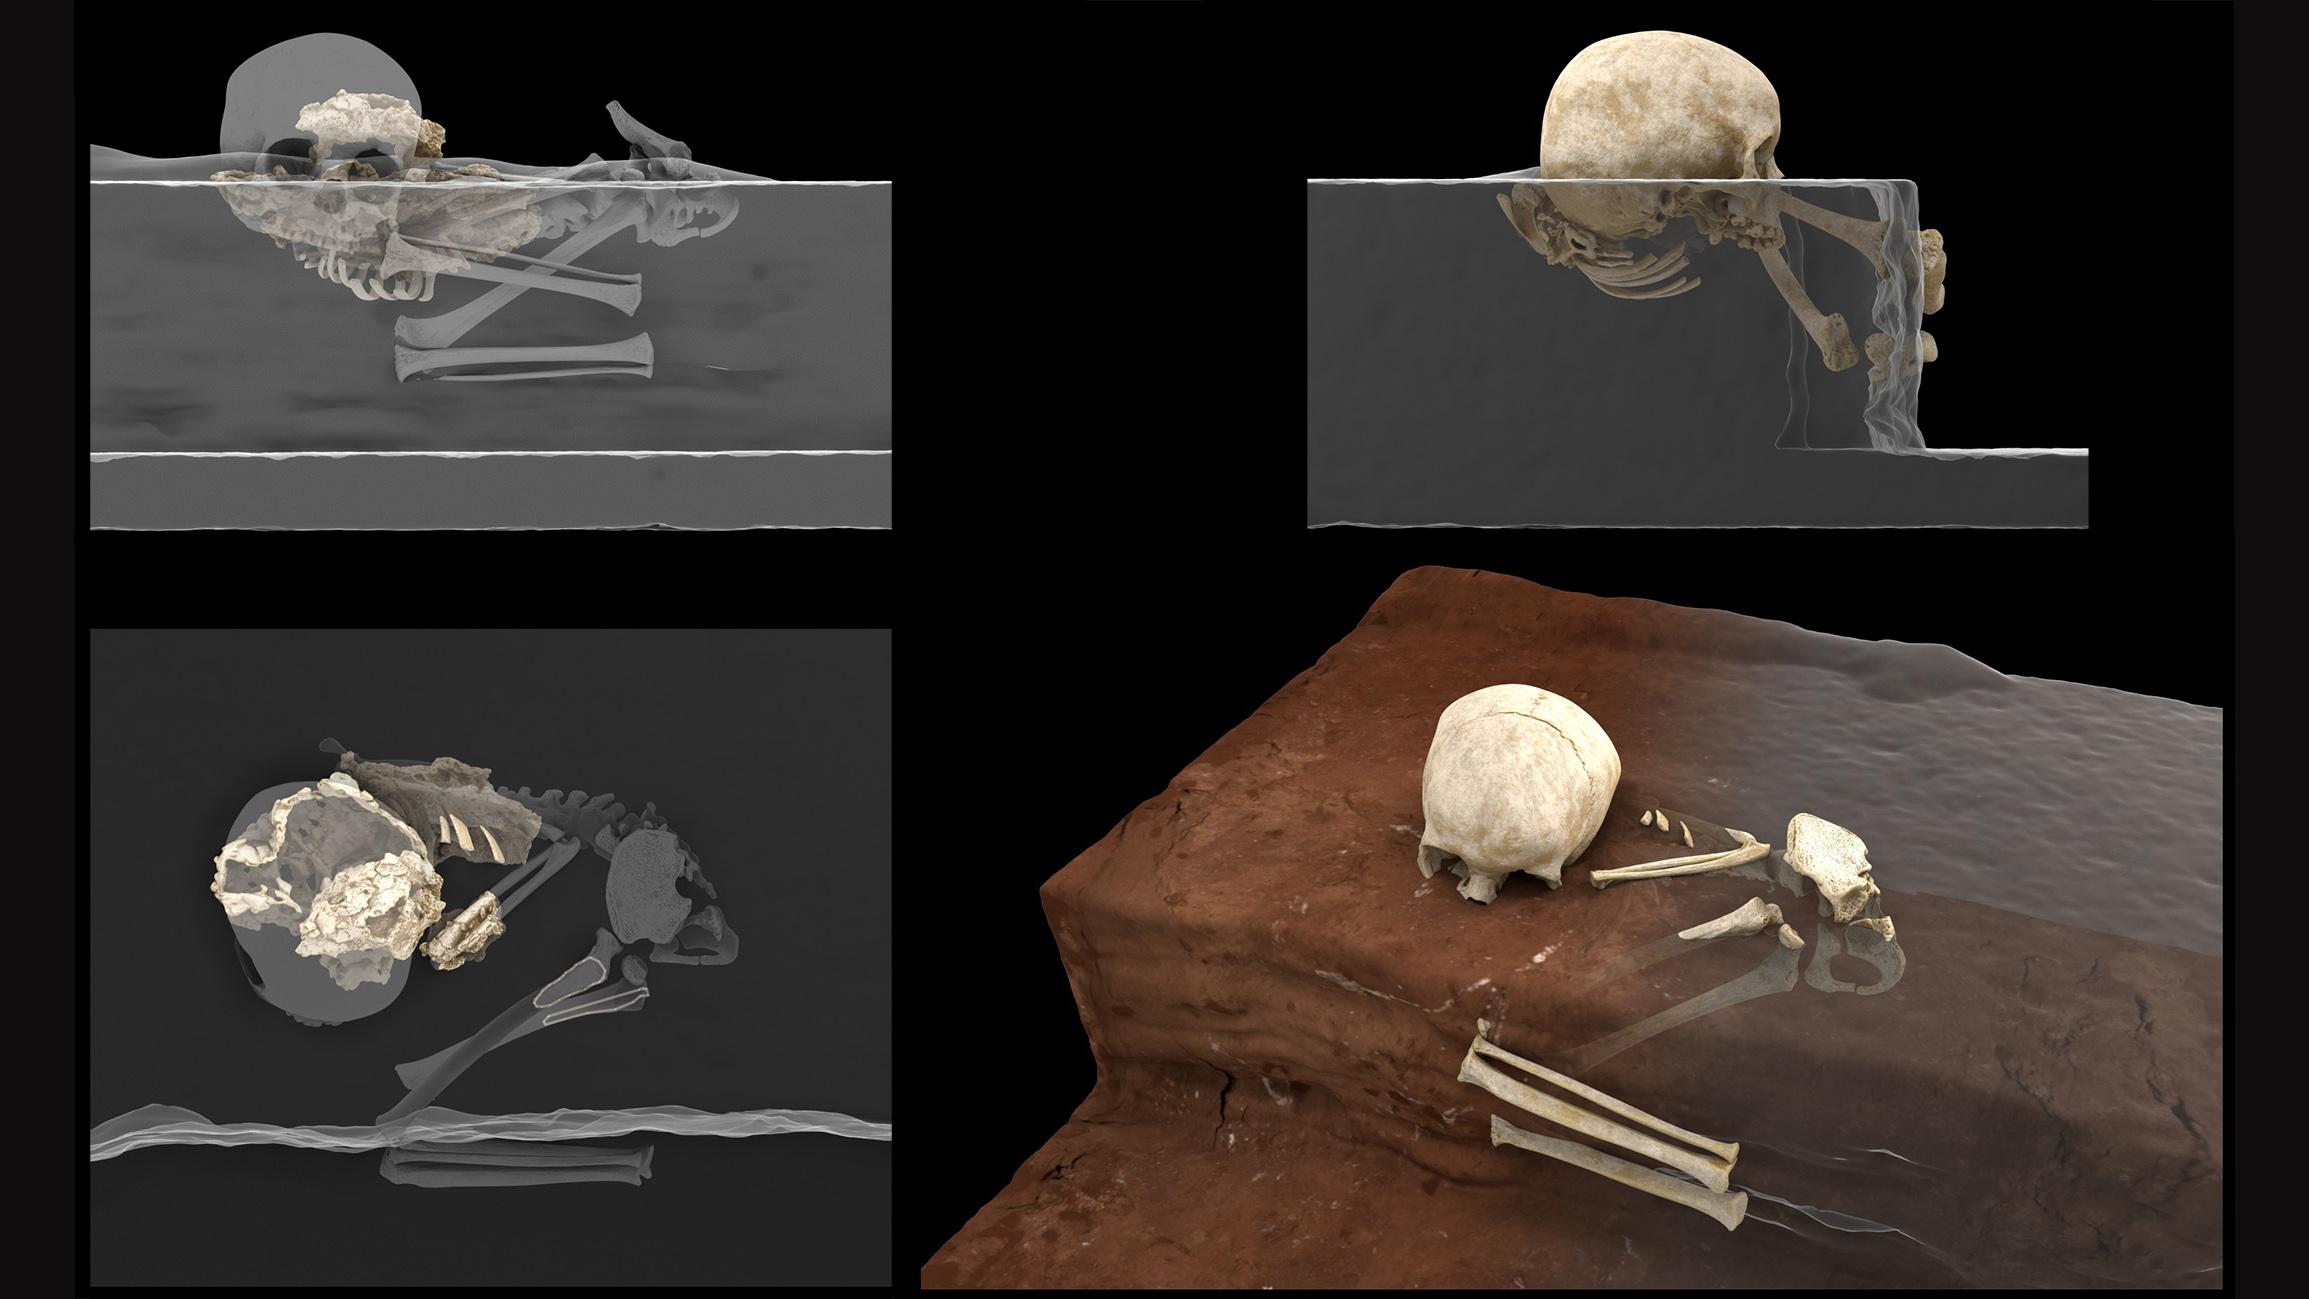 Une reconstruction virtuelle des restes dans la grotte Panga ya Saidi (à gauche) et leur position lorsqu'ils ont été révélés dans le bloc de sédiments par une technique de rayons X appelée tomographie micro-calculée (à droite).